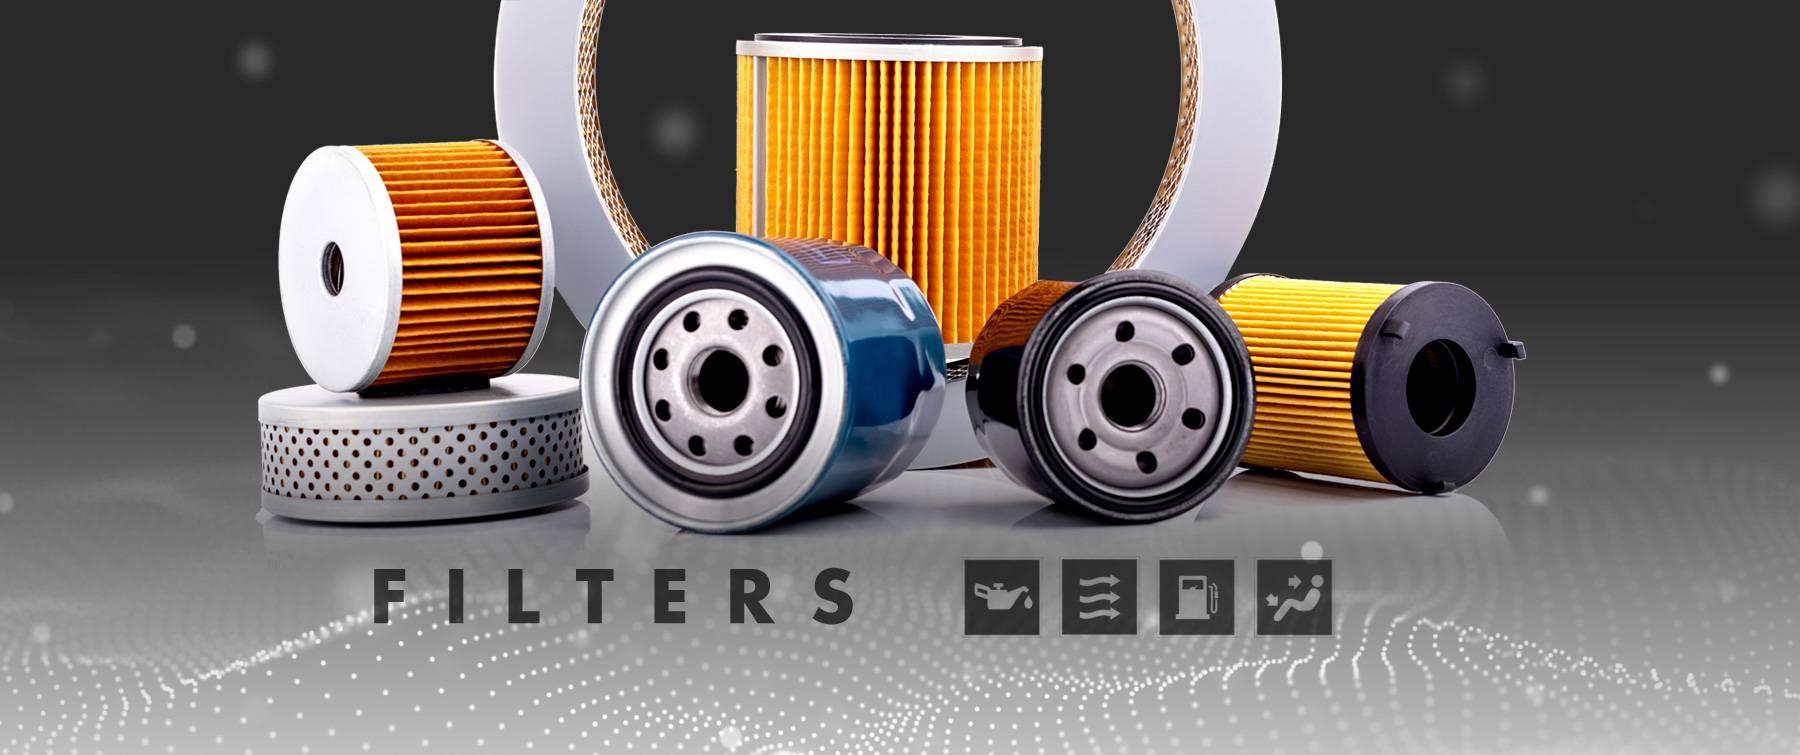 https://jivaji.com/wholesale/car-parts/wiper-blades/exact-fit-list.html